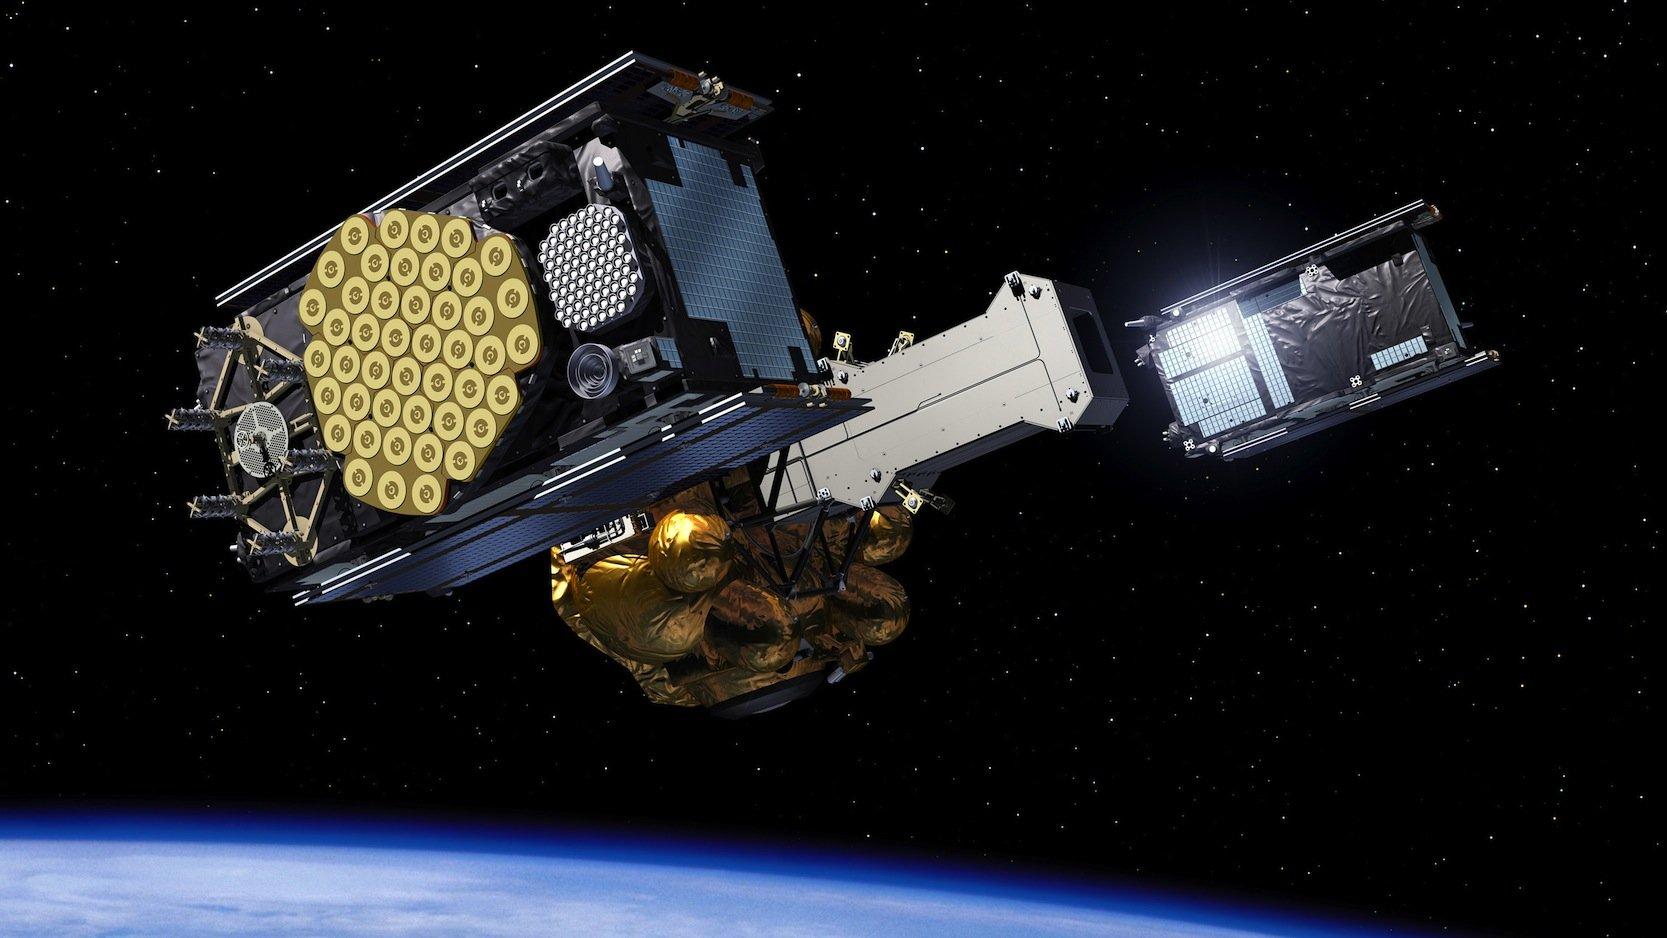 Zwei Galileo-Navigationssatelliten sind fast am Ziel: Etwa vier Stunden nach dem Start erreichen sie ihre Umlaufbahn in 23.222 Kilometern Höhe. Dazu werden die In-Orbit Validation-Satelliten gleichzeitig von der Fregat-Trägereinheit getrennt.Quelle: